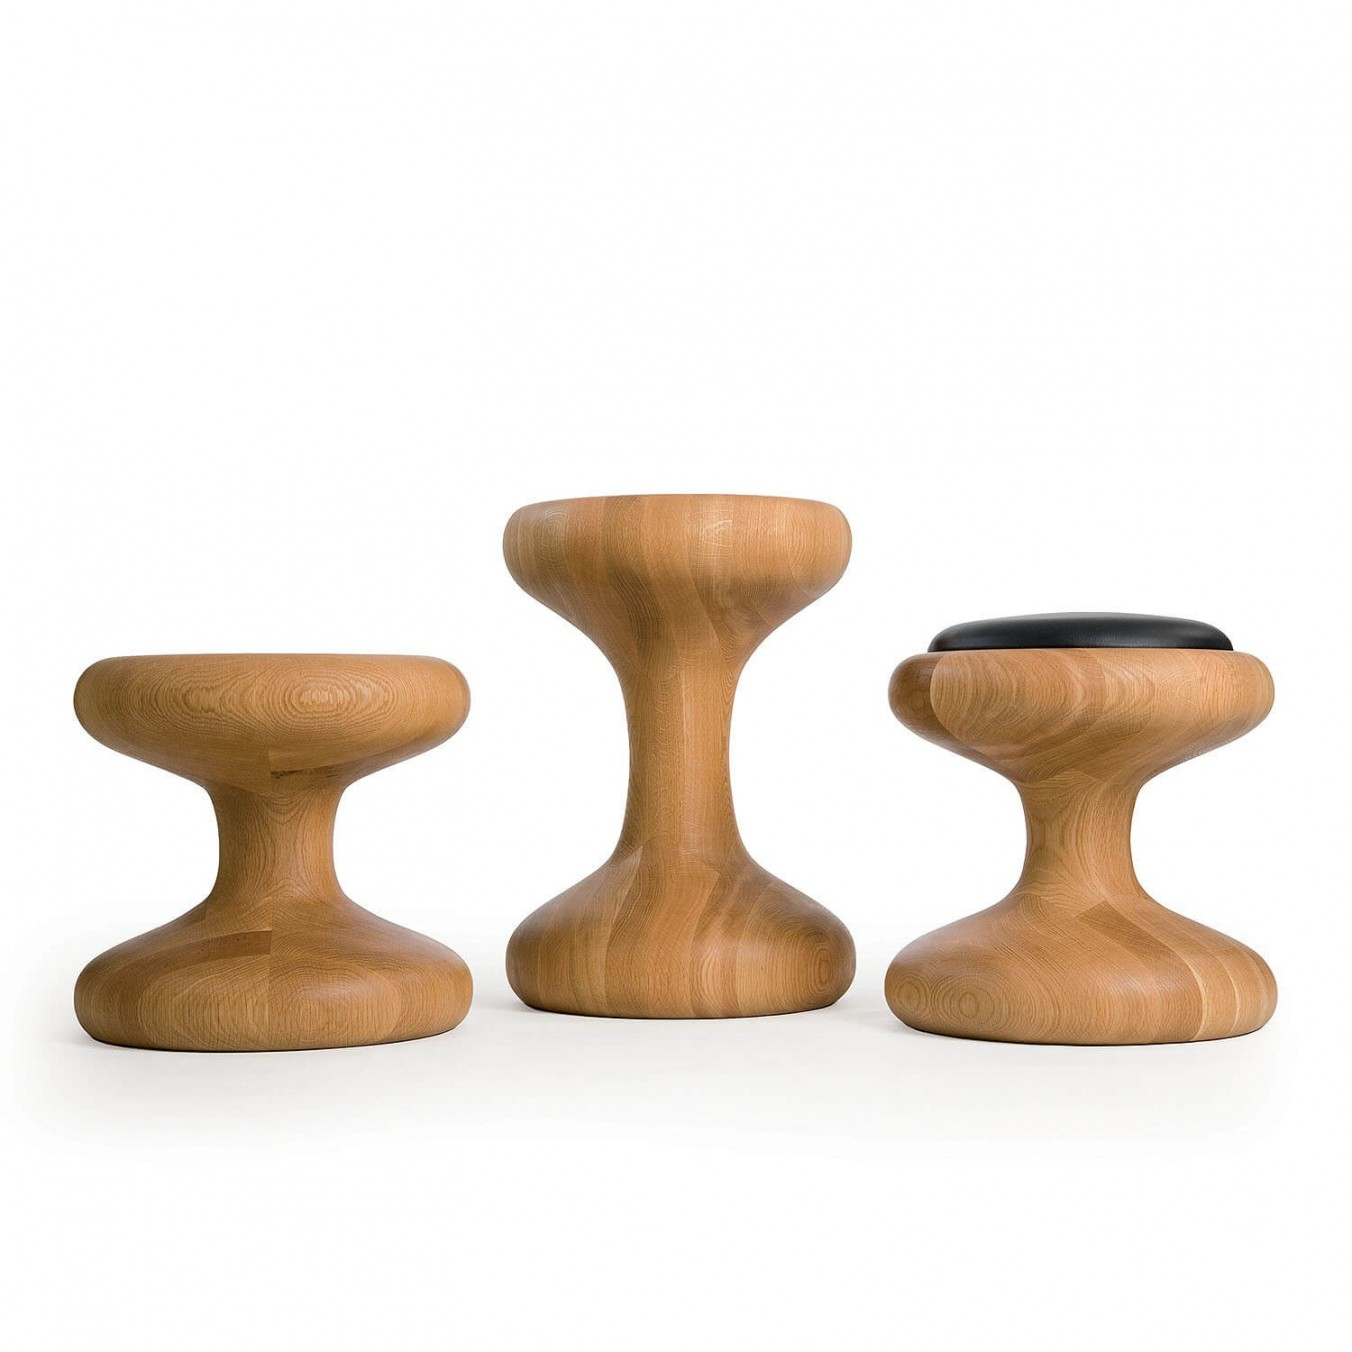 MUSHROOM TABLES